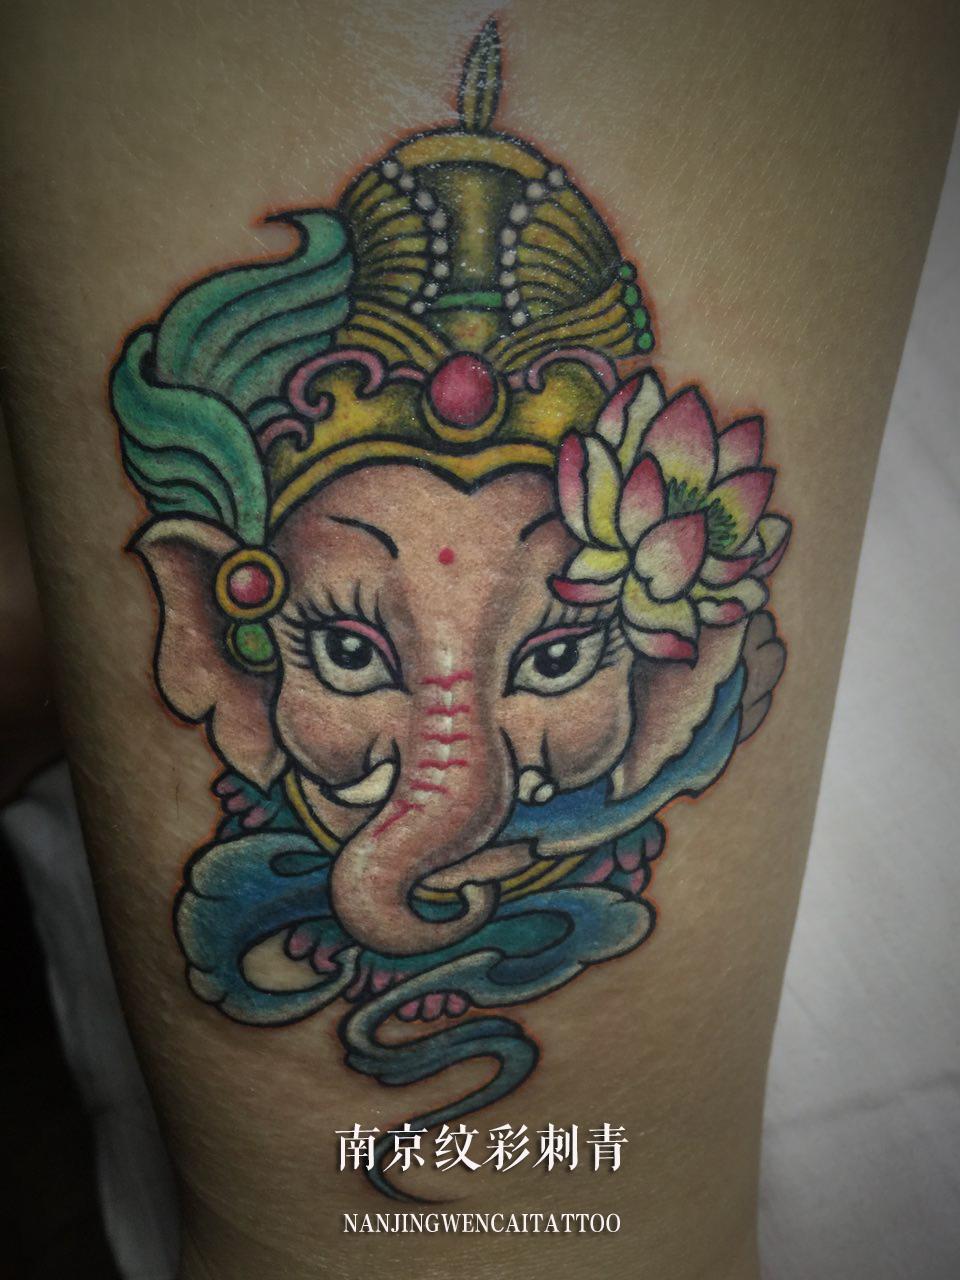 彩色的图案显得富有生命,纹身师在基础上增加了一朵小莲花,小女生的形